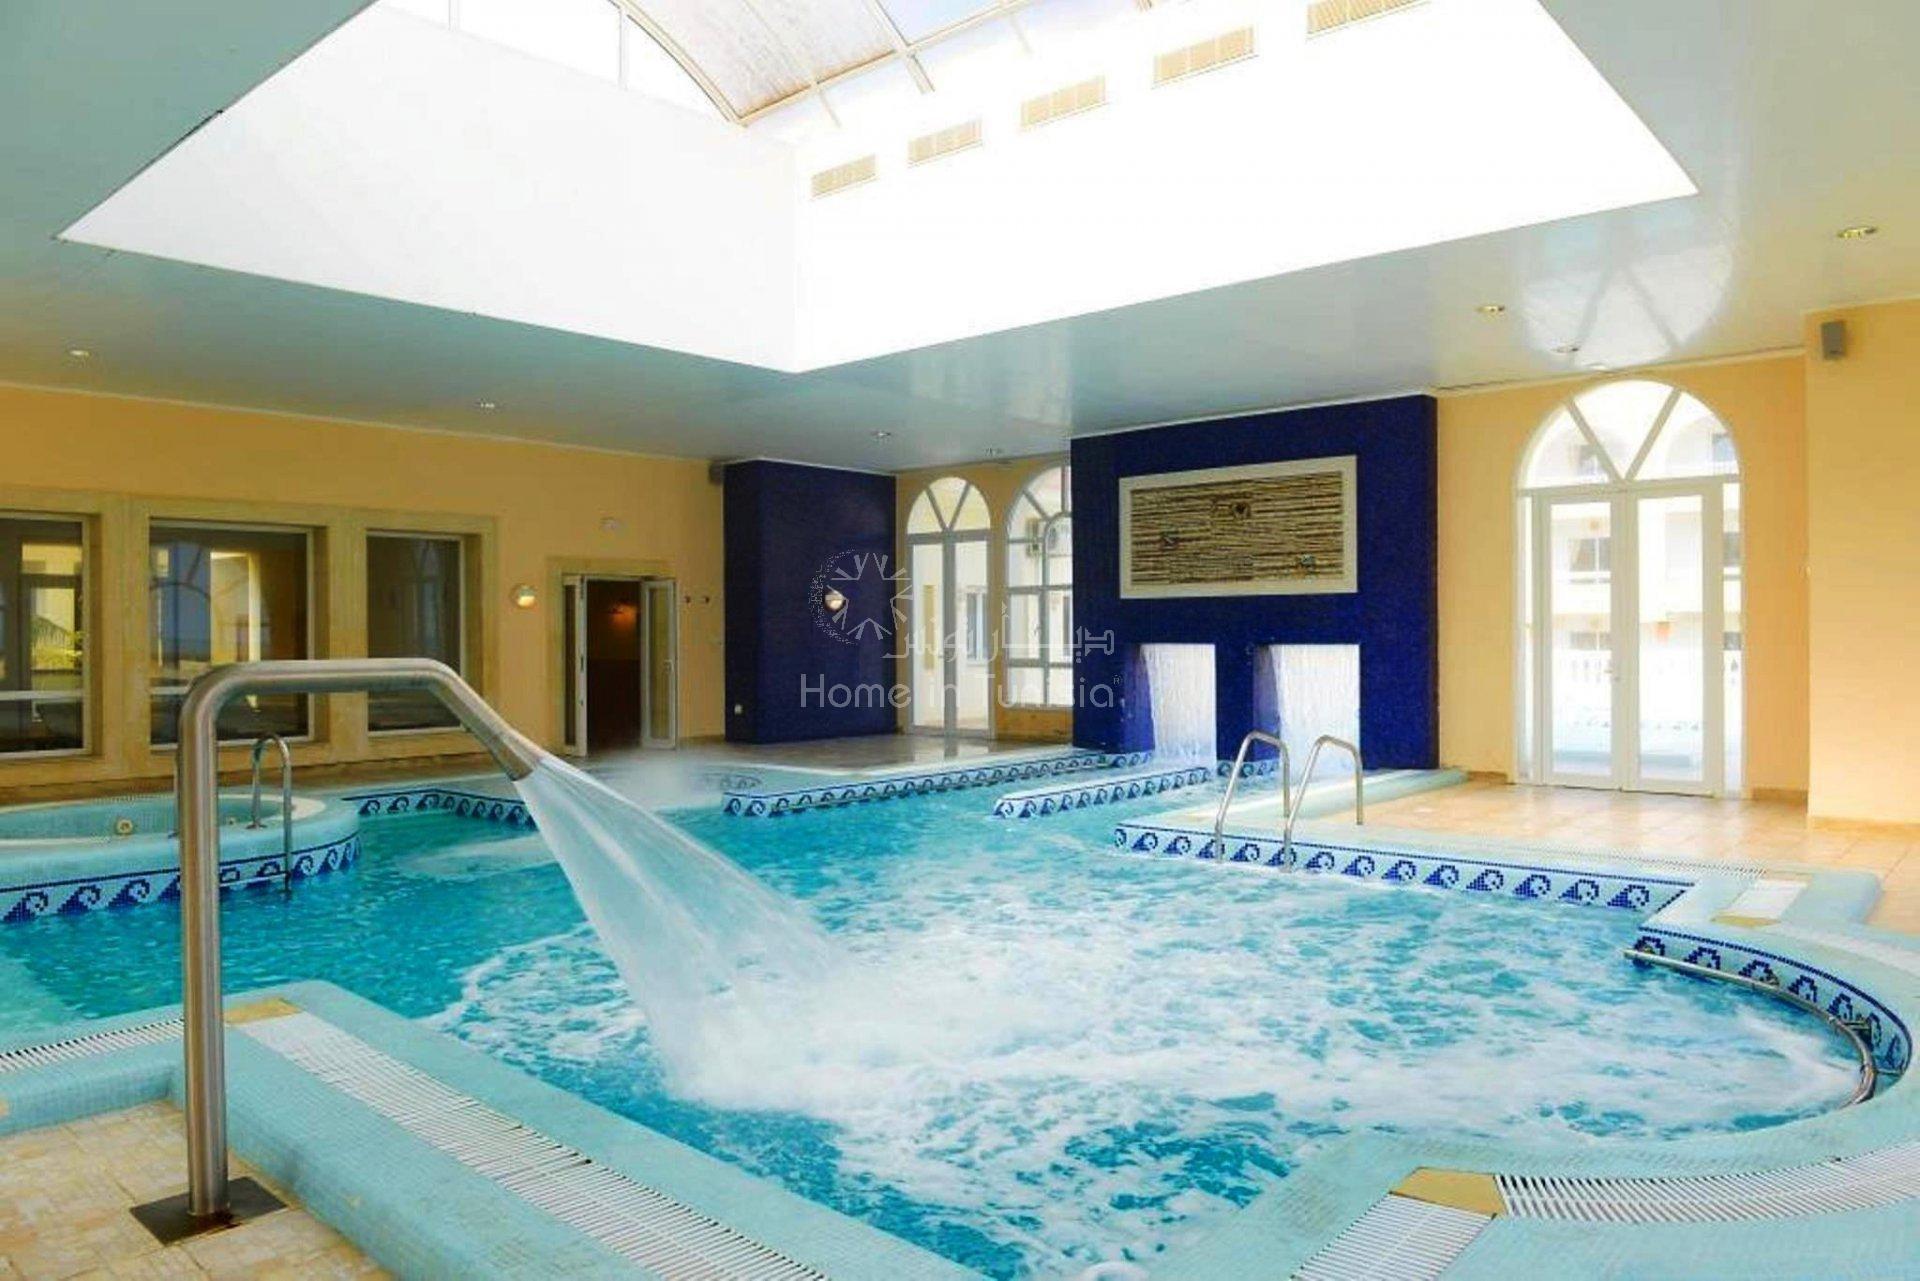 Studio meublé de 49m2 situé en front de mer d'une très belle résidence avec jardin piscine terrasse